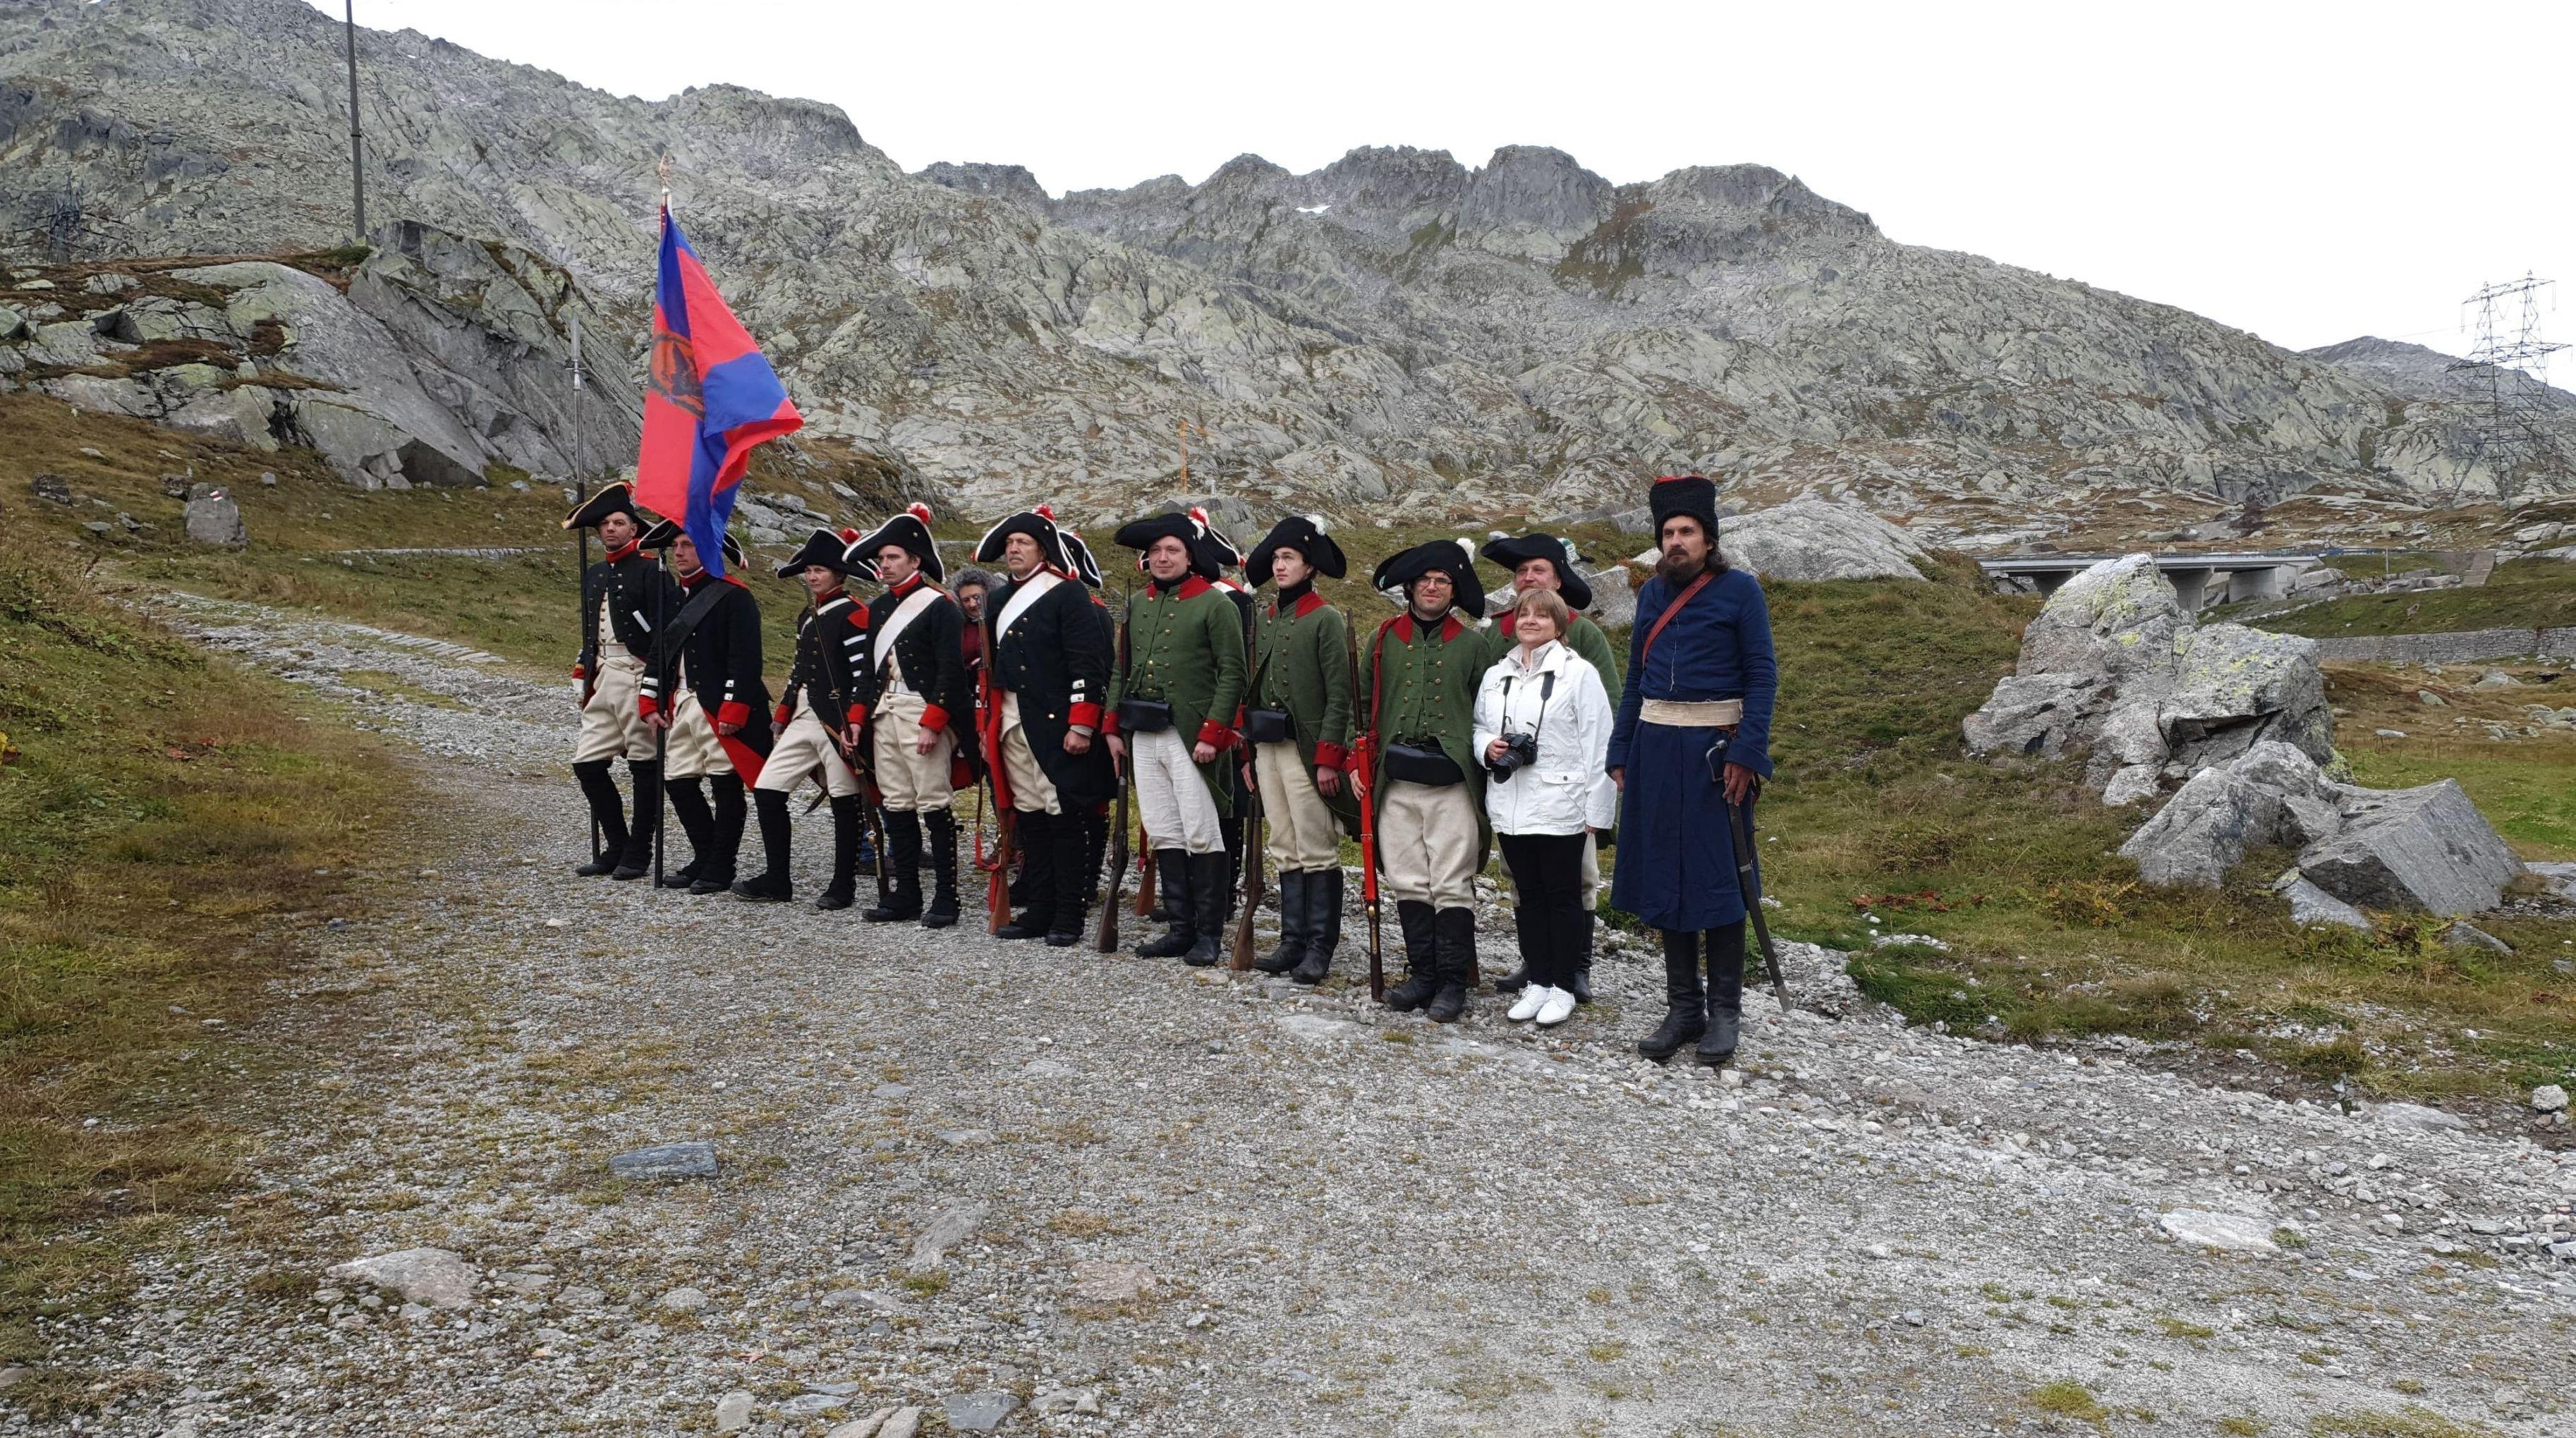 Des pratiquants de reconstitution historique dans les gorges des Schöllenen (archive photo)